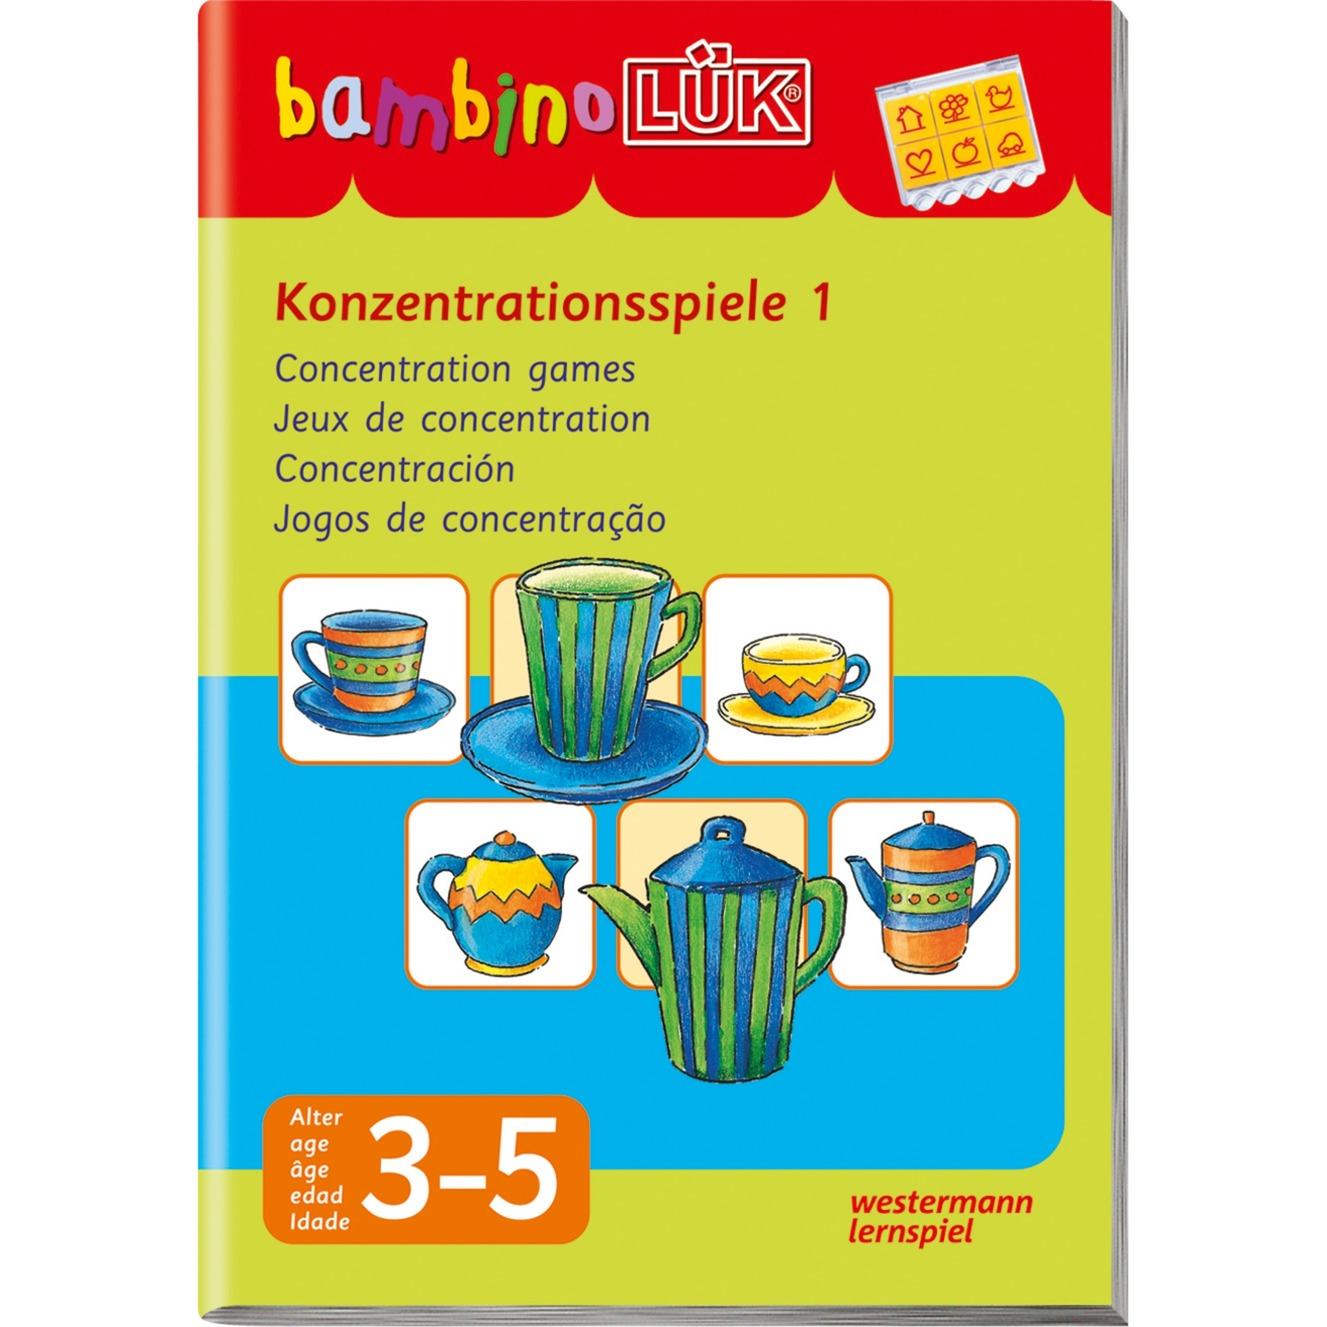 Konzentrationsspiele 1 livre pour enfants, Manuel